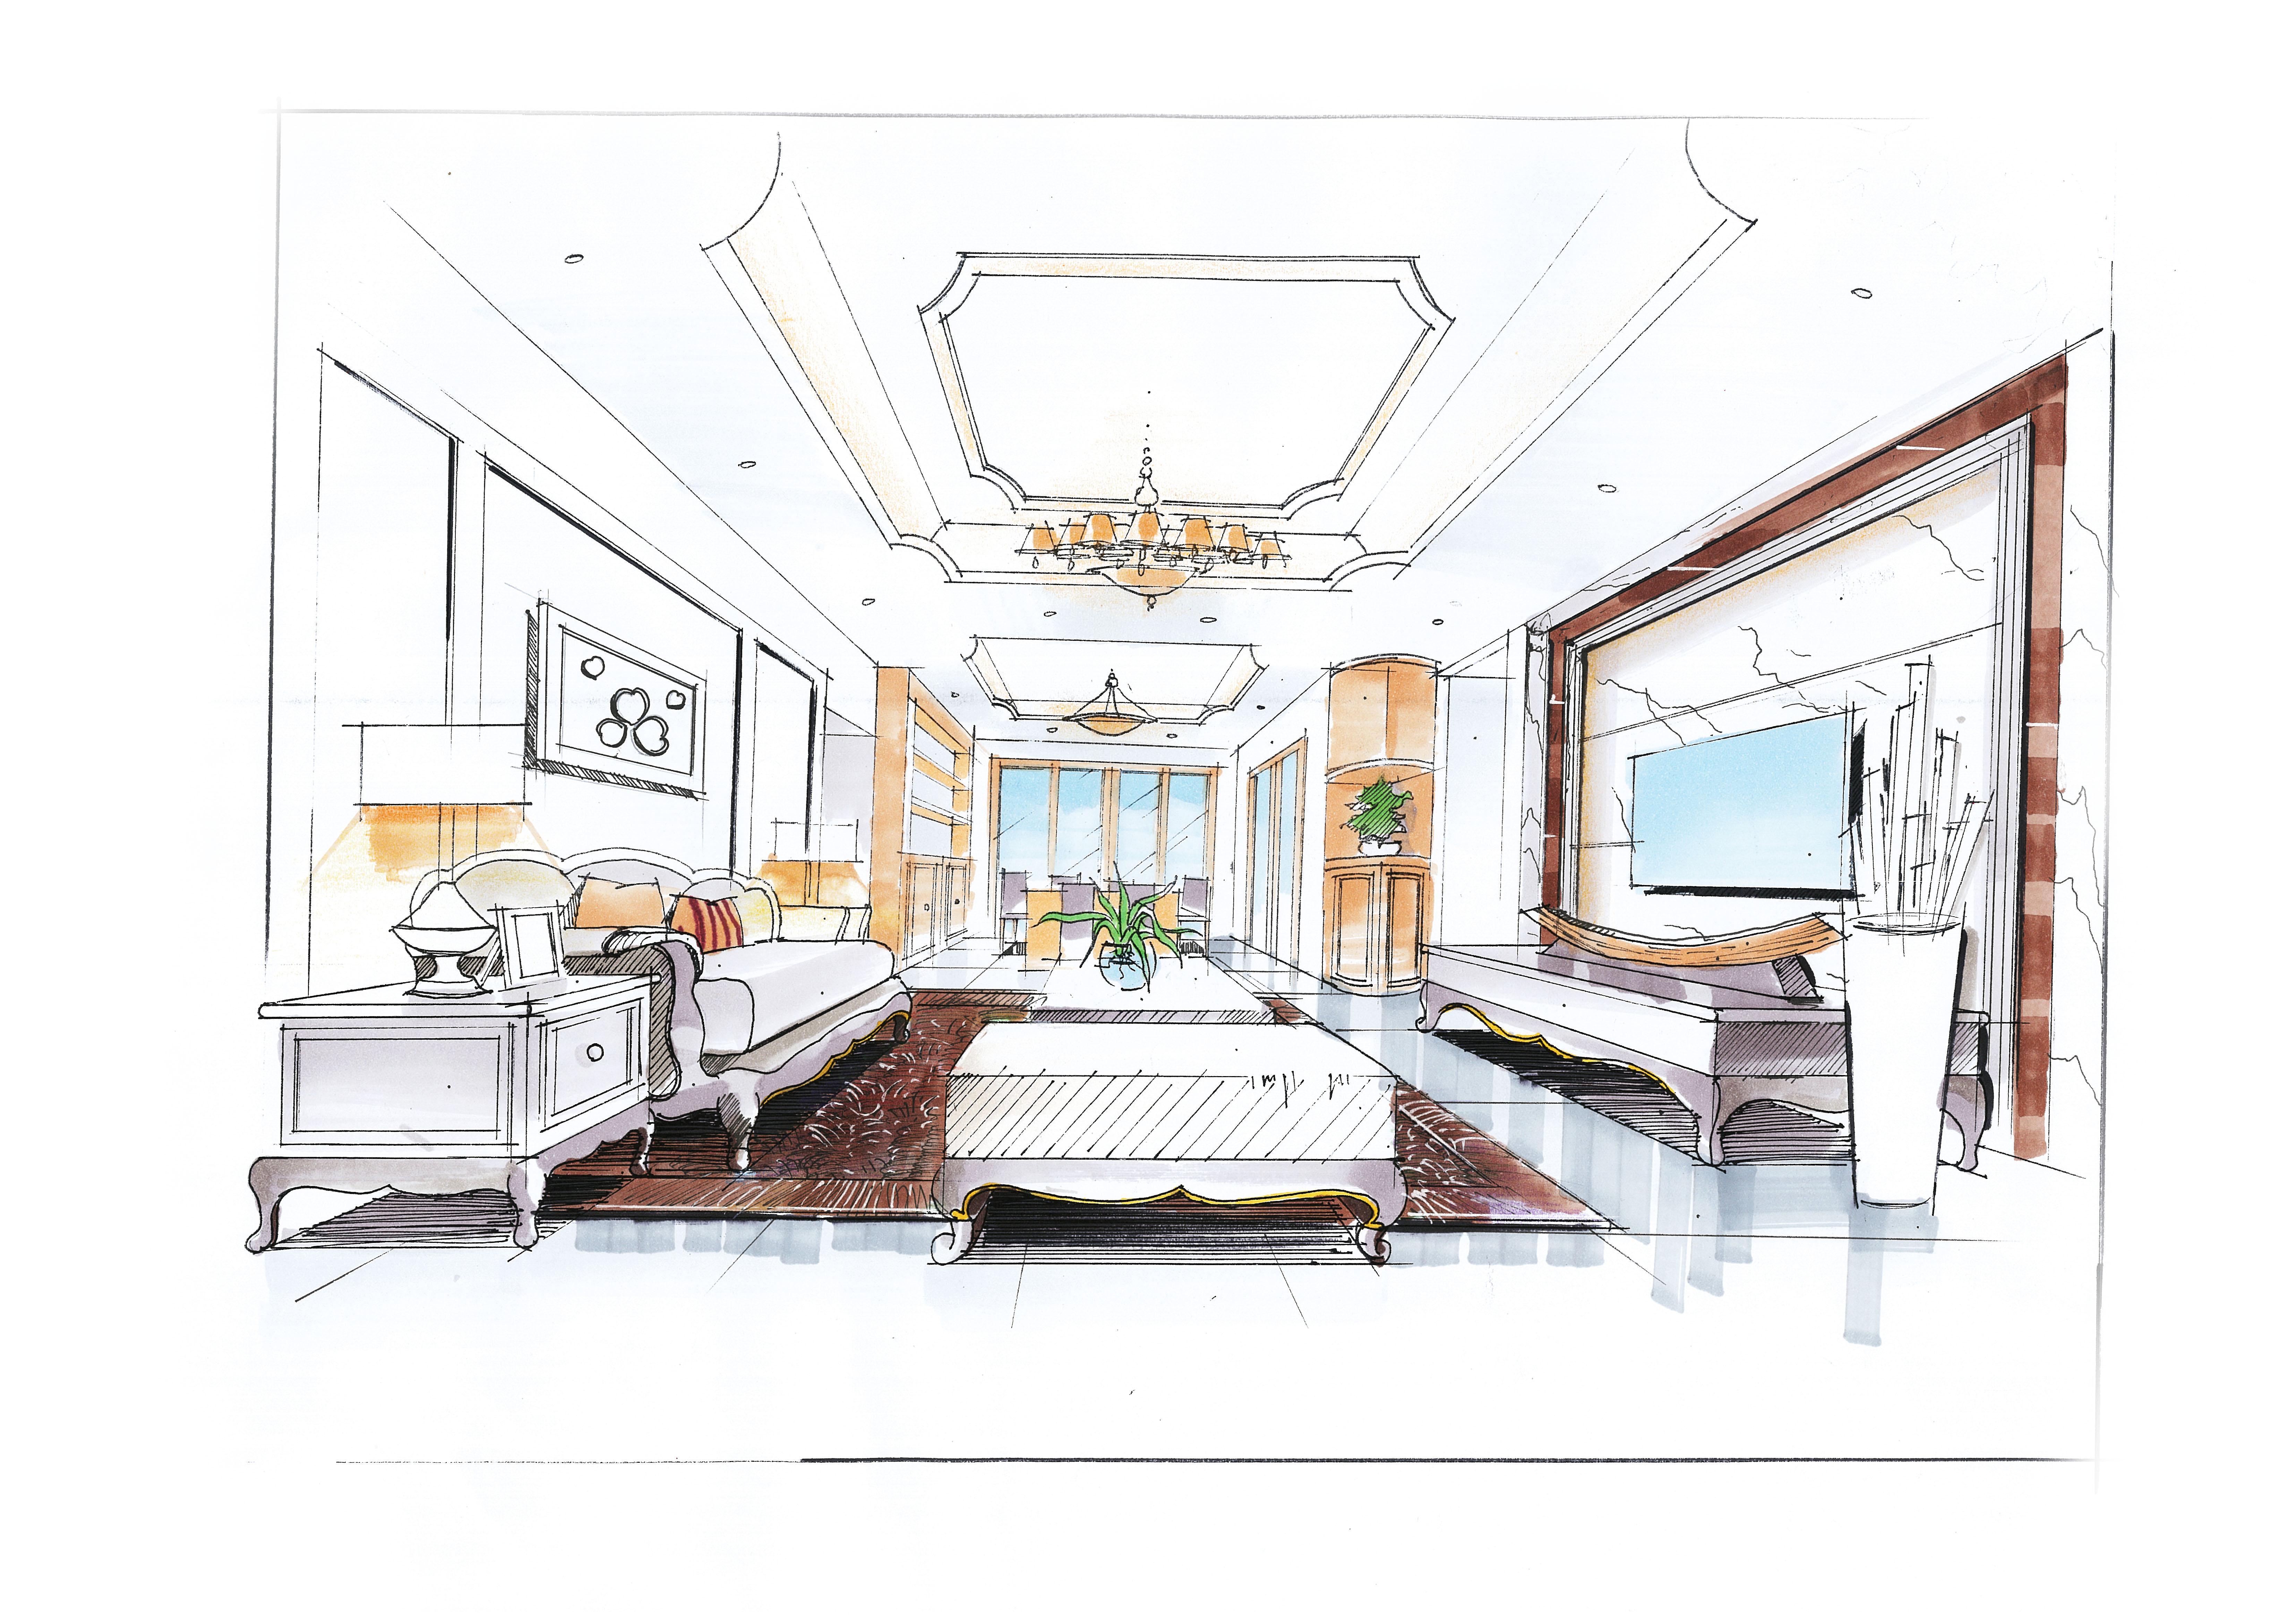 室内手绘|空间|室内设计|perseveredream - 原创作品